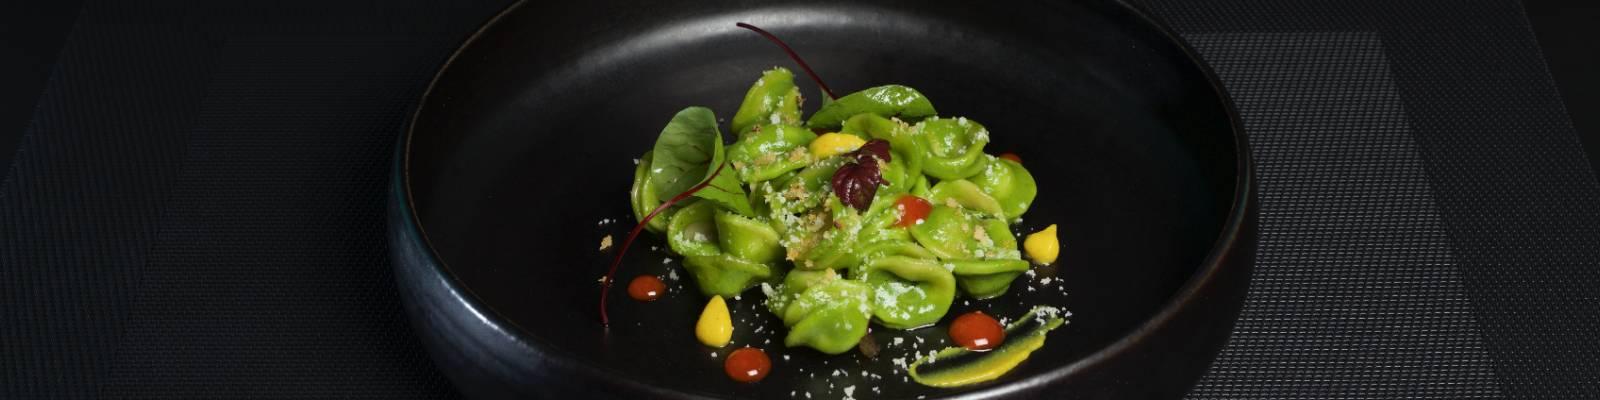 Pasta Garofalo - Orecchiette with pesto sauce, spicy touch